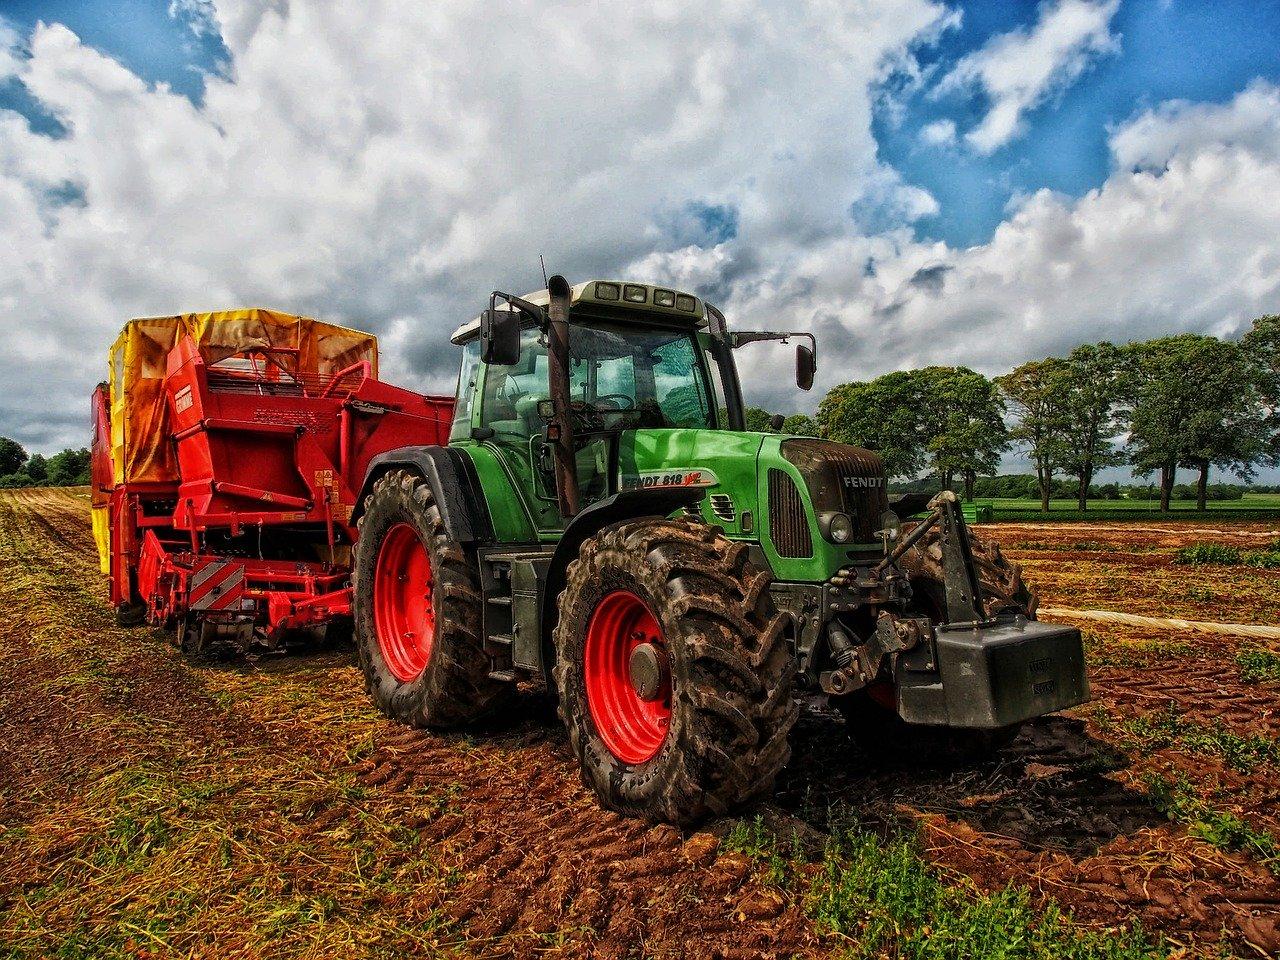 tractor, grain mixer, rural